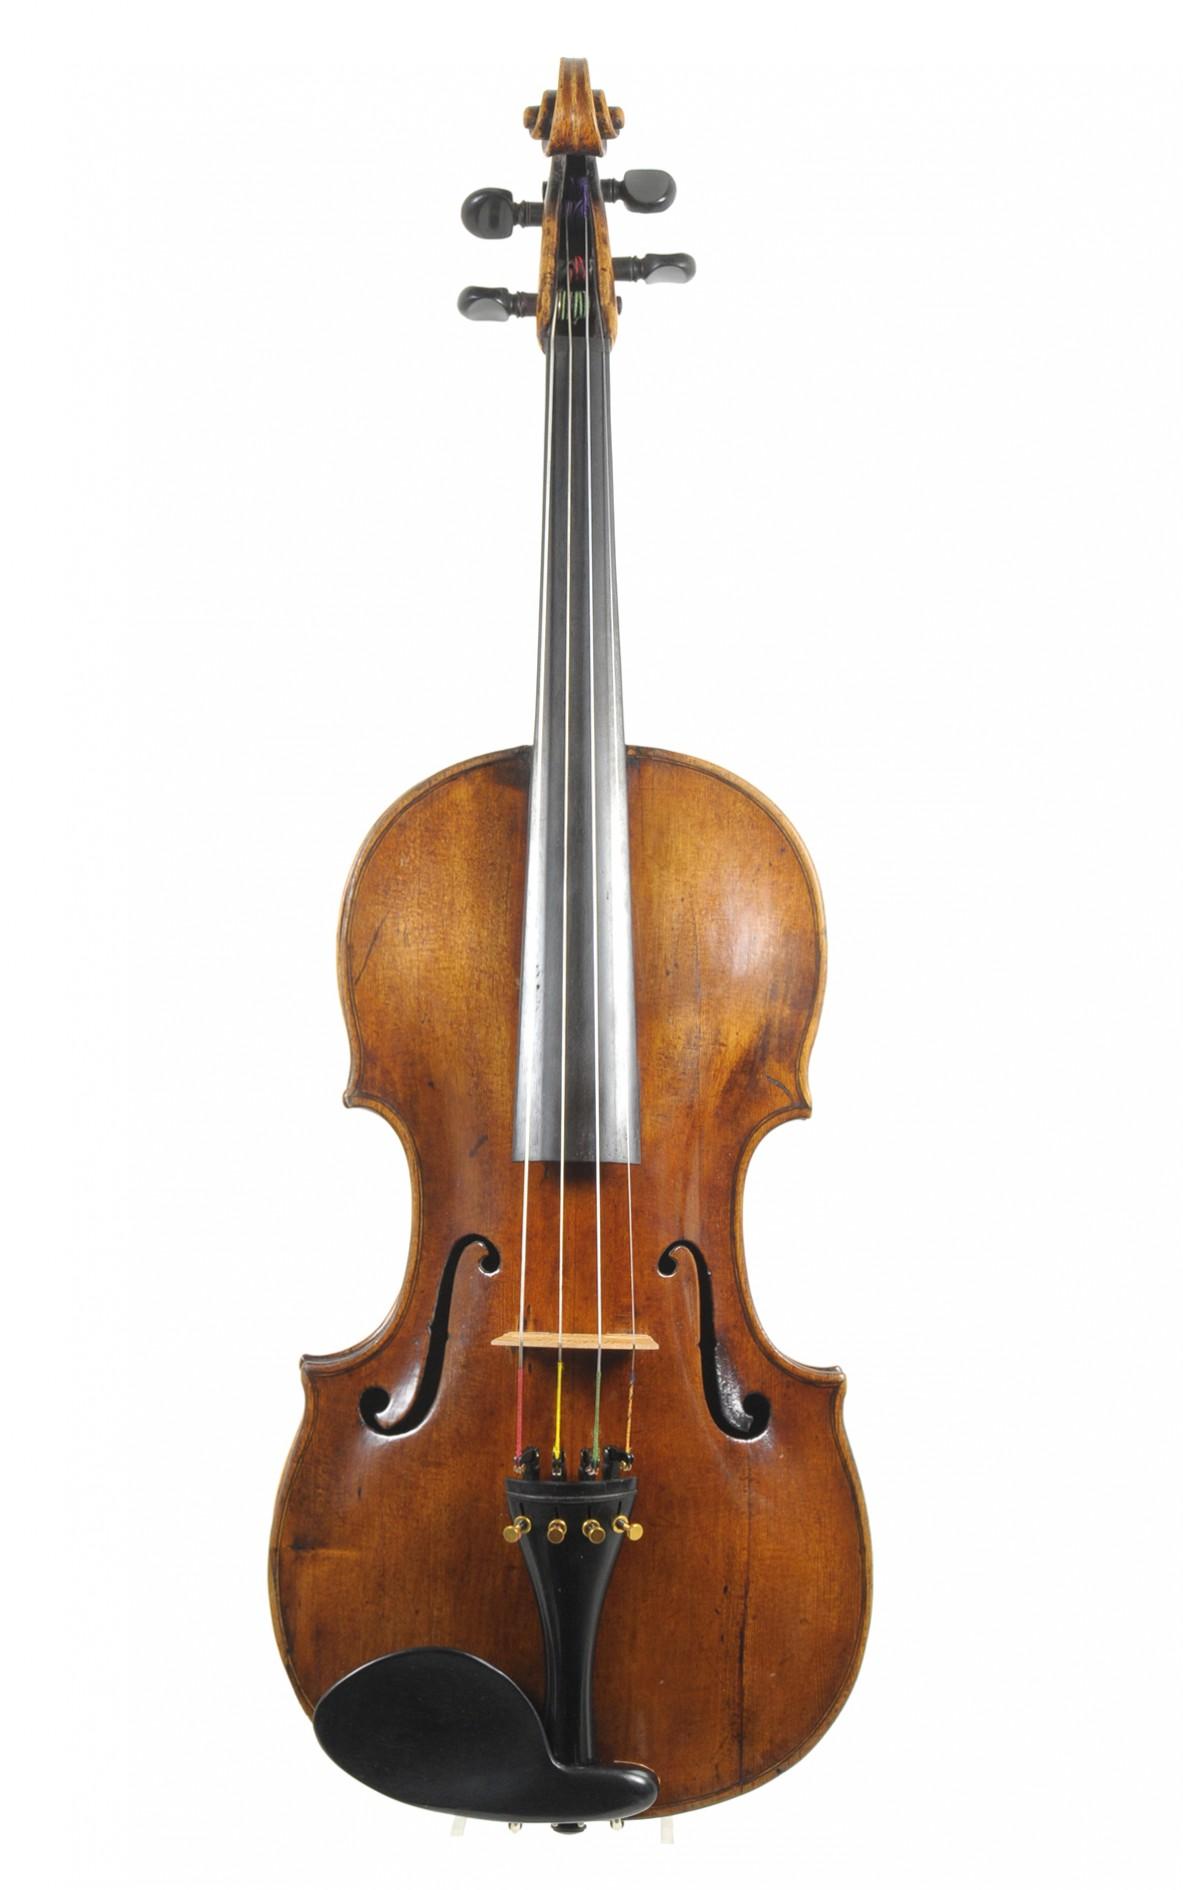 Fine Prague viola, 18th century, prob. Johann Willer